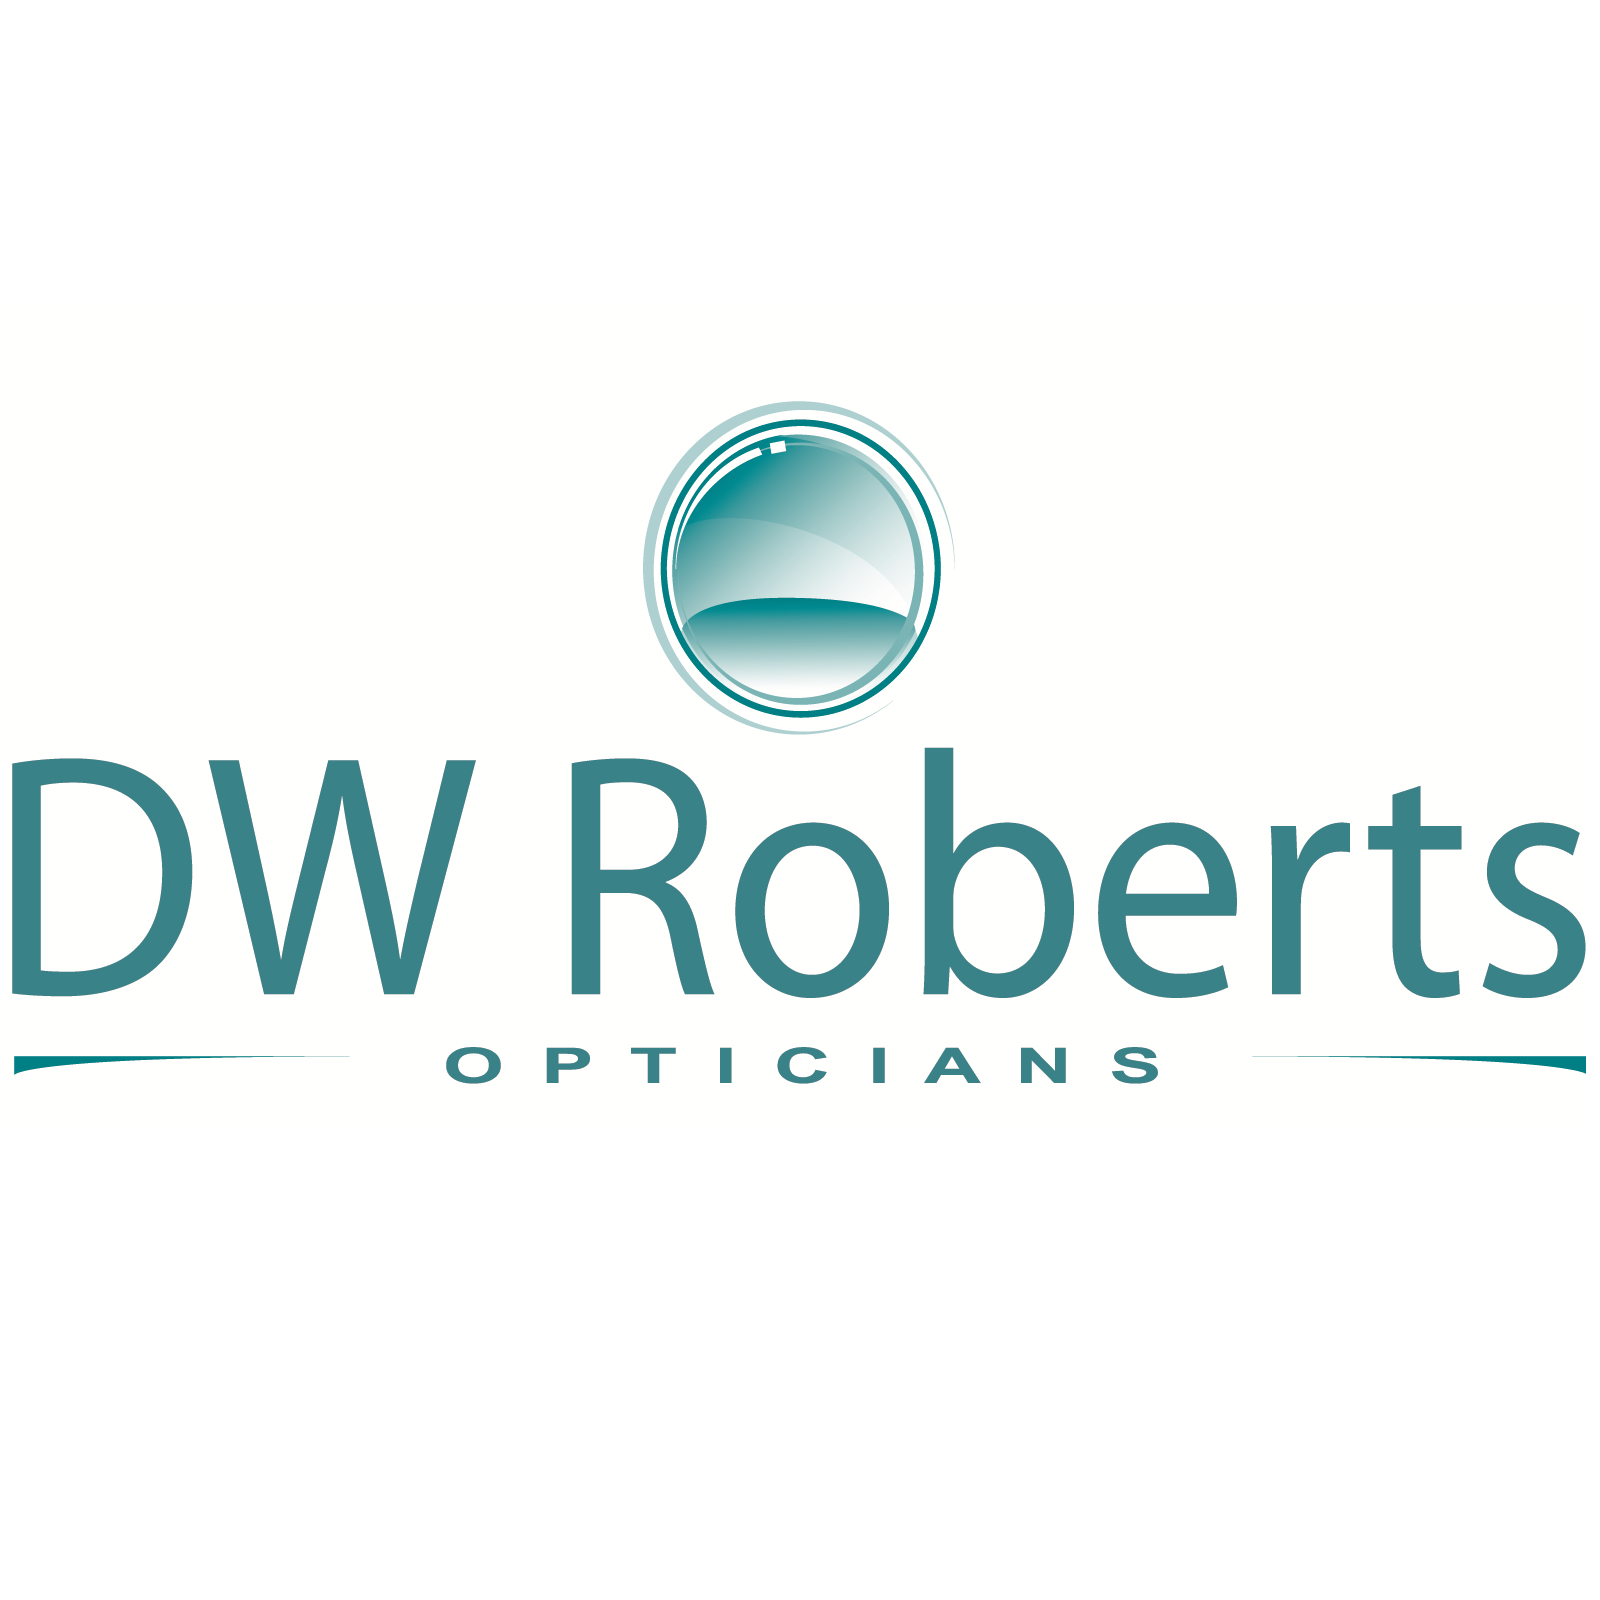 D W Roberts